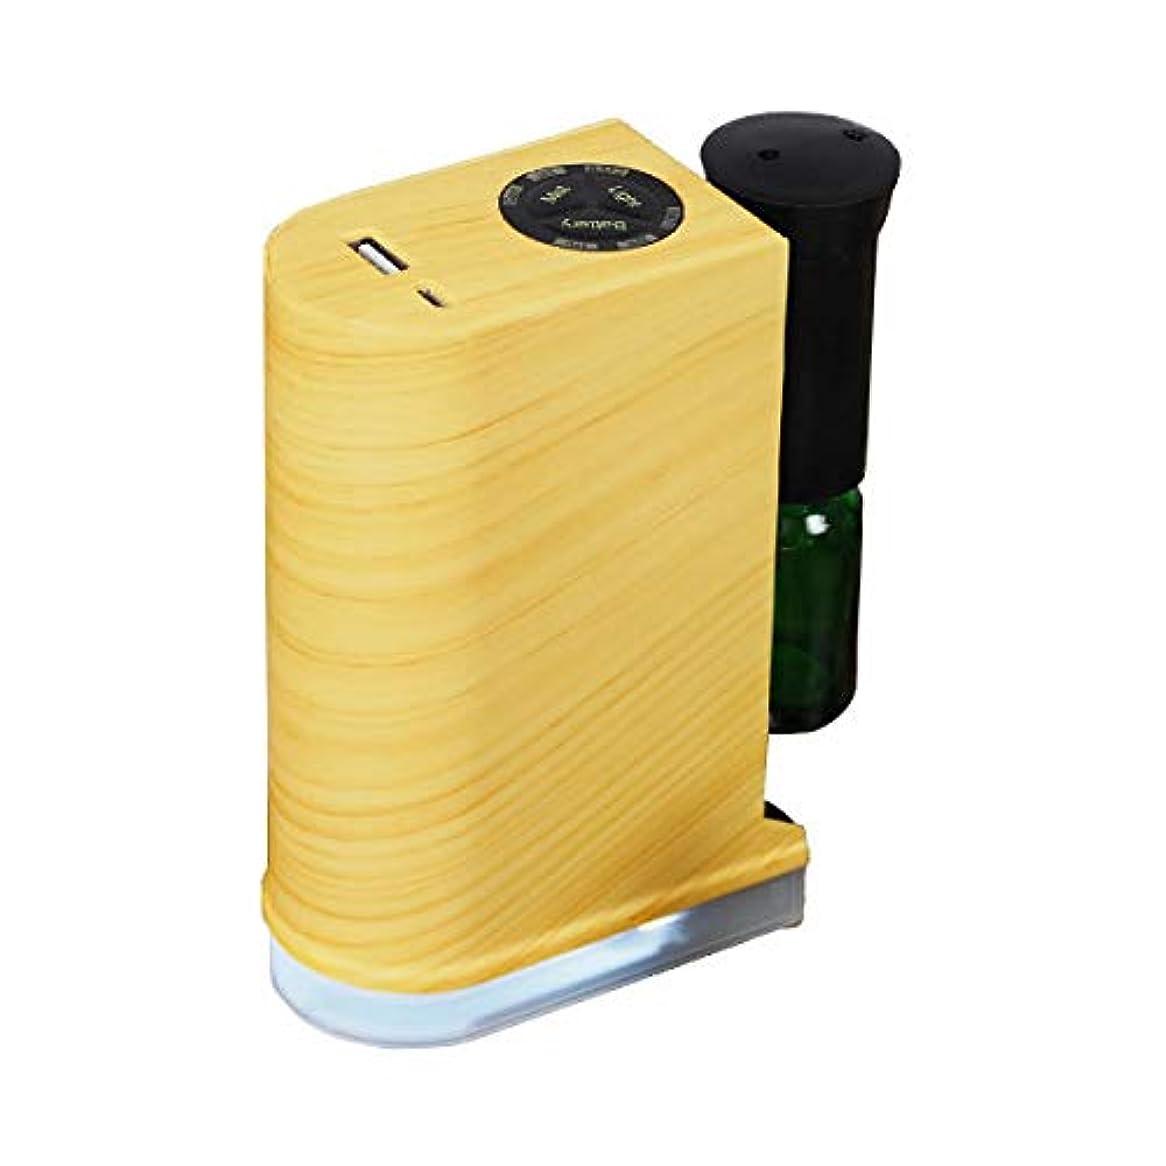 スナップ役割エンディングアロマデュフューザー 水を使わない ネブライザー式アロマディフューザー LED搭載 アロマオイル 精油 アロマ芳香 (ナチュラル)